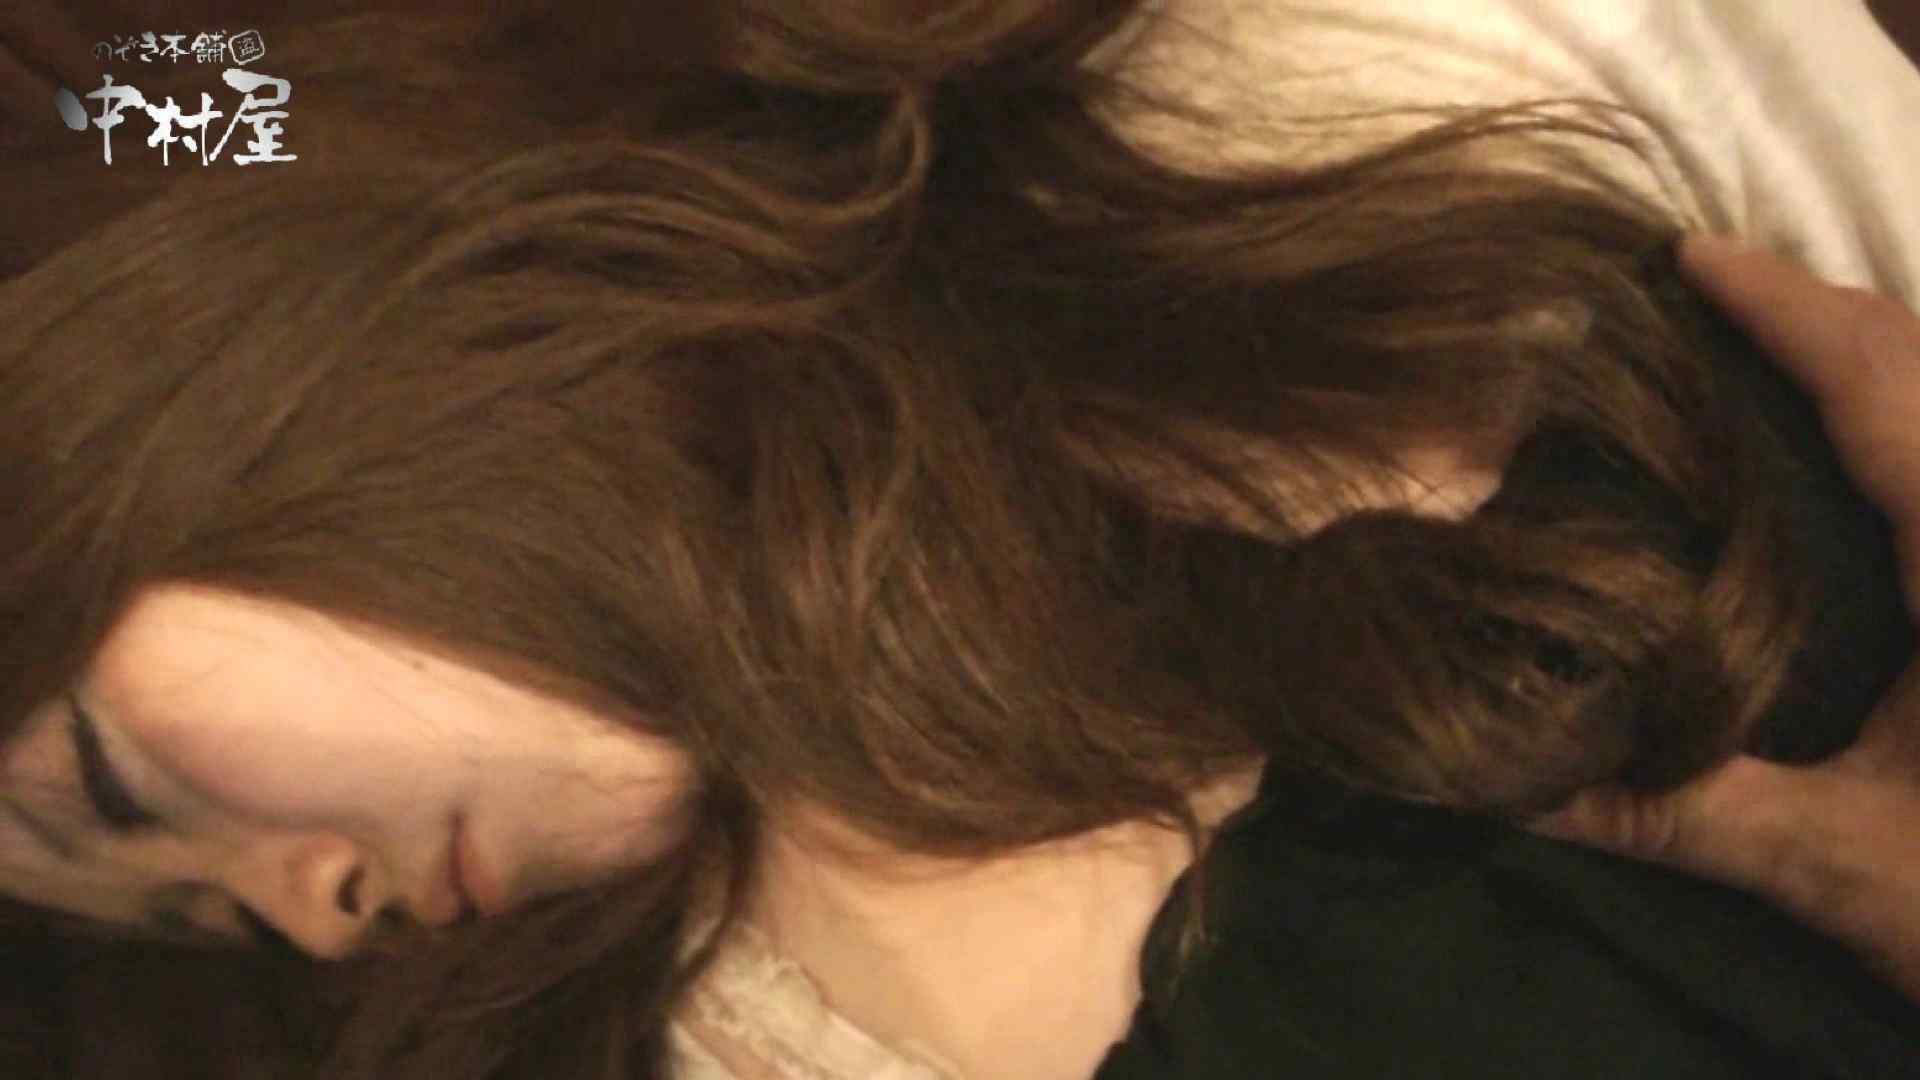 欲望 リアルドール Case.11 Sちゃん現役女子大生19歳 前編 イタズラ | 萌え女子大生  78連発 46